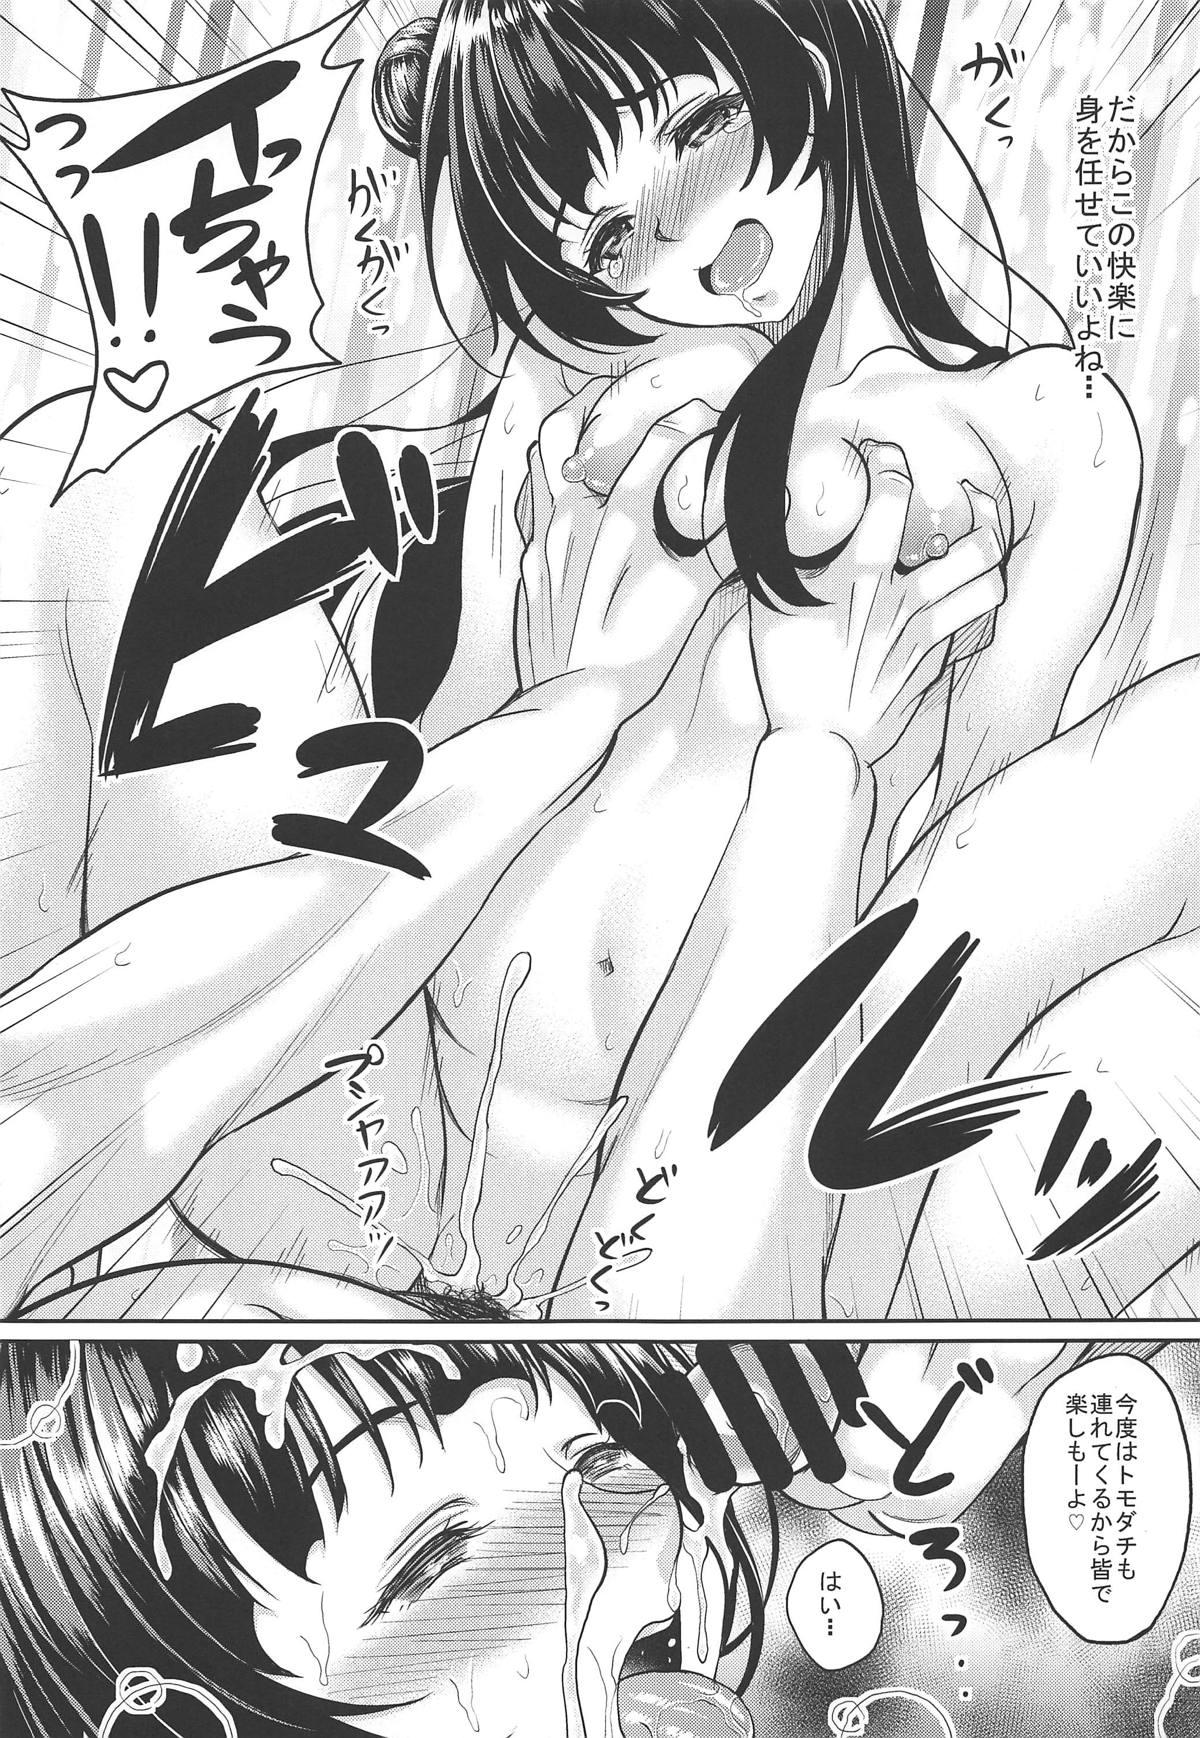 【エロ漫画】上級国民になったら有名アイドルともセックスし放題♡ほんと役得人生ですわwww